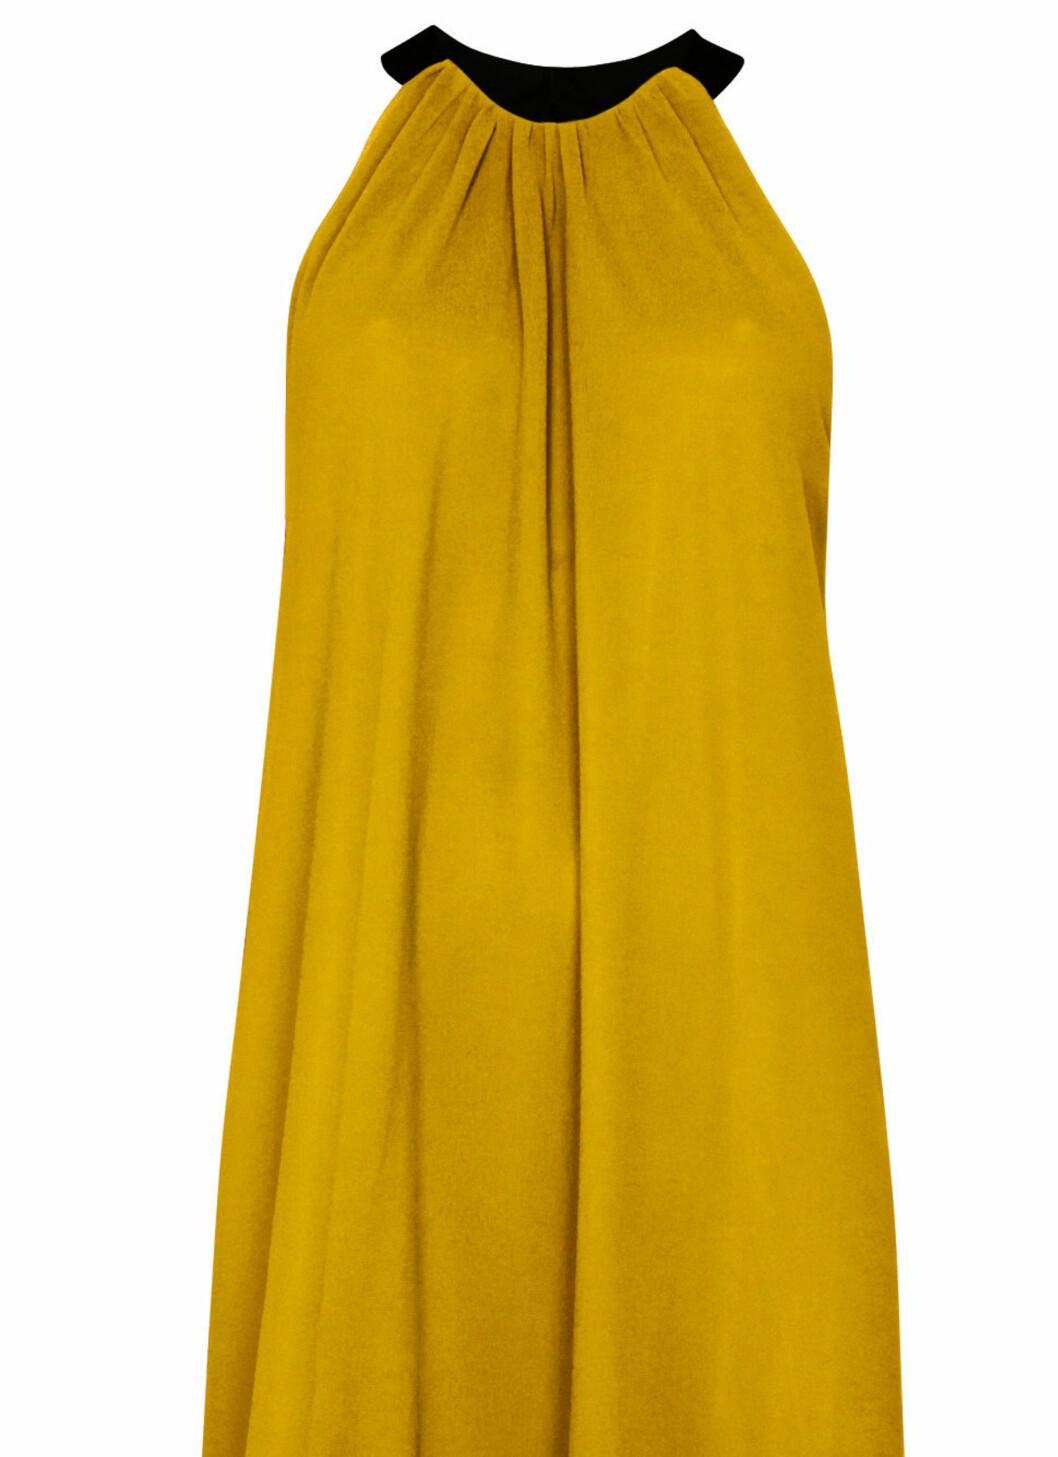 Kjole fra Vila, kr 399,95. Foto: Produsenten